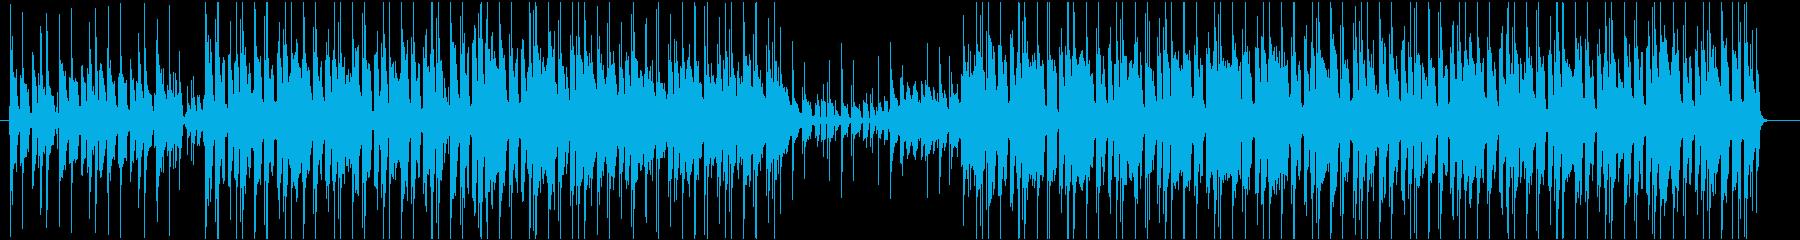 都会ジャズ アコギ鍵盤 企業VP・カフェの再生済みの波形